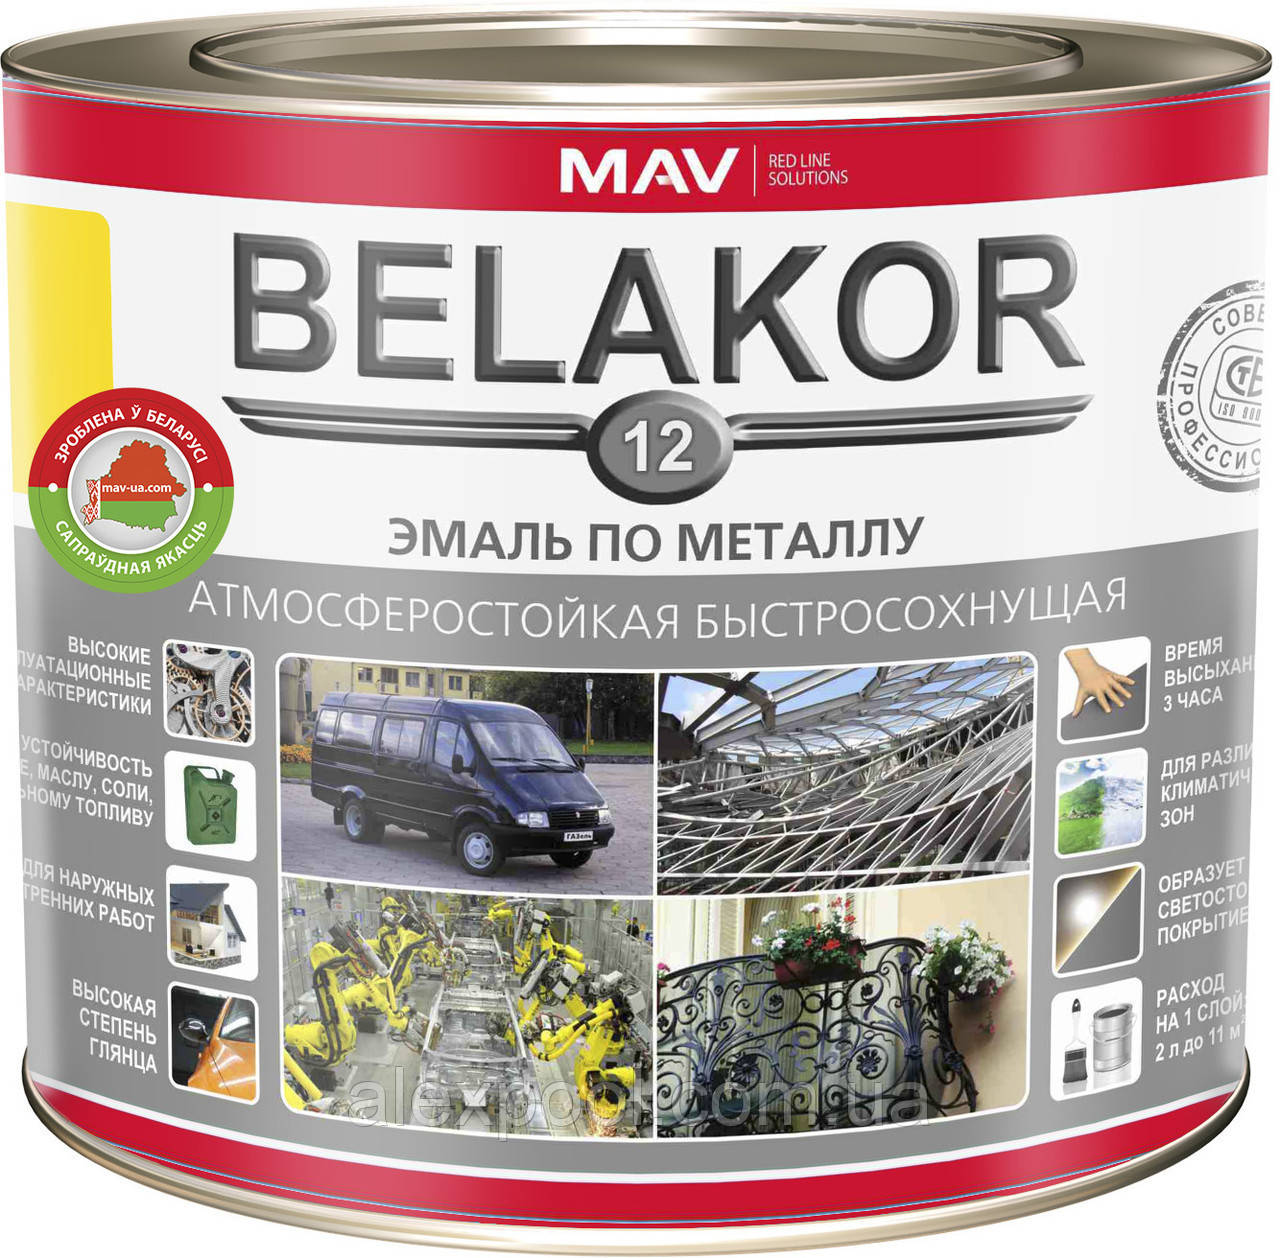 Эмаль MAV BELAKOR 12 по металлу атмосферостойкая быстросохнущая Майская зелень 2,4 литра